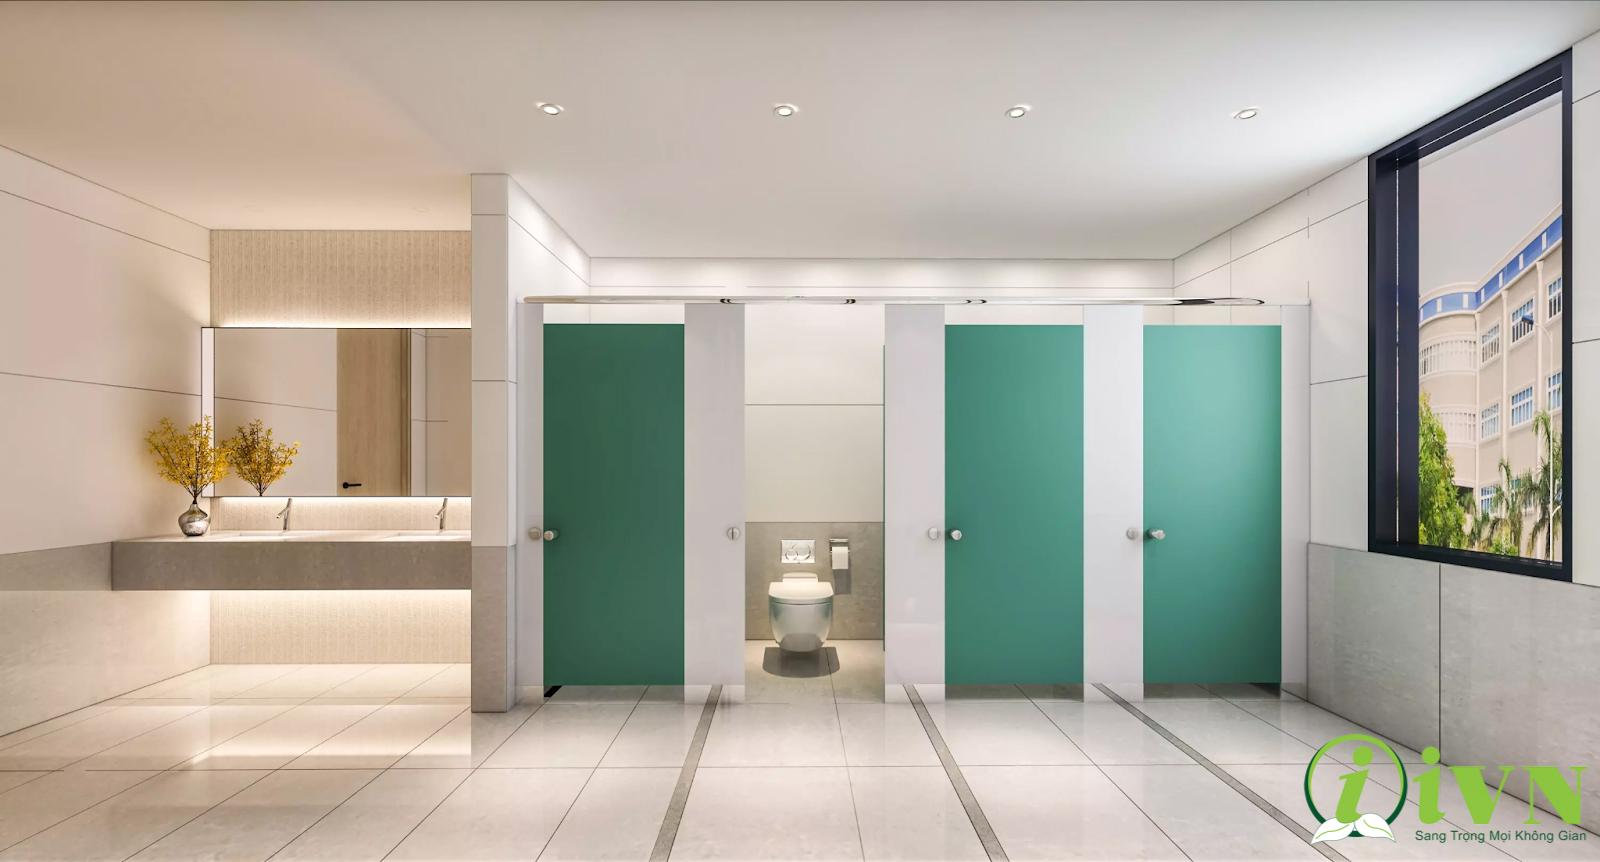 Kinh nghiệm lựa chọn tấm vách ngăn wc, vách ngăn toilet chất lượng, chống thấm nước tốt